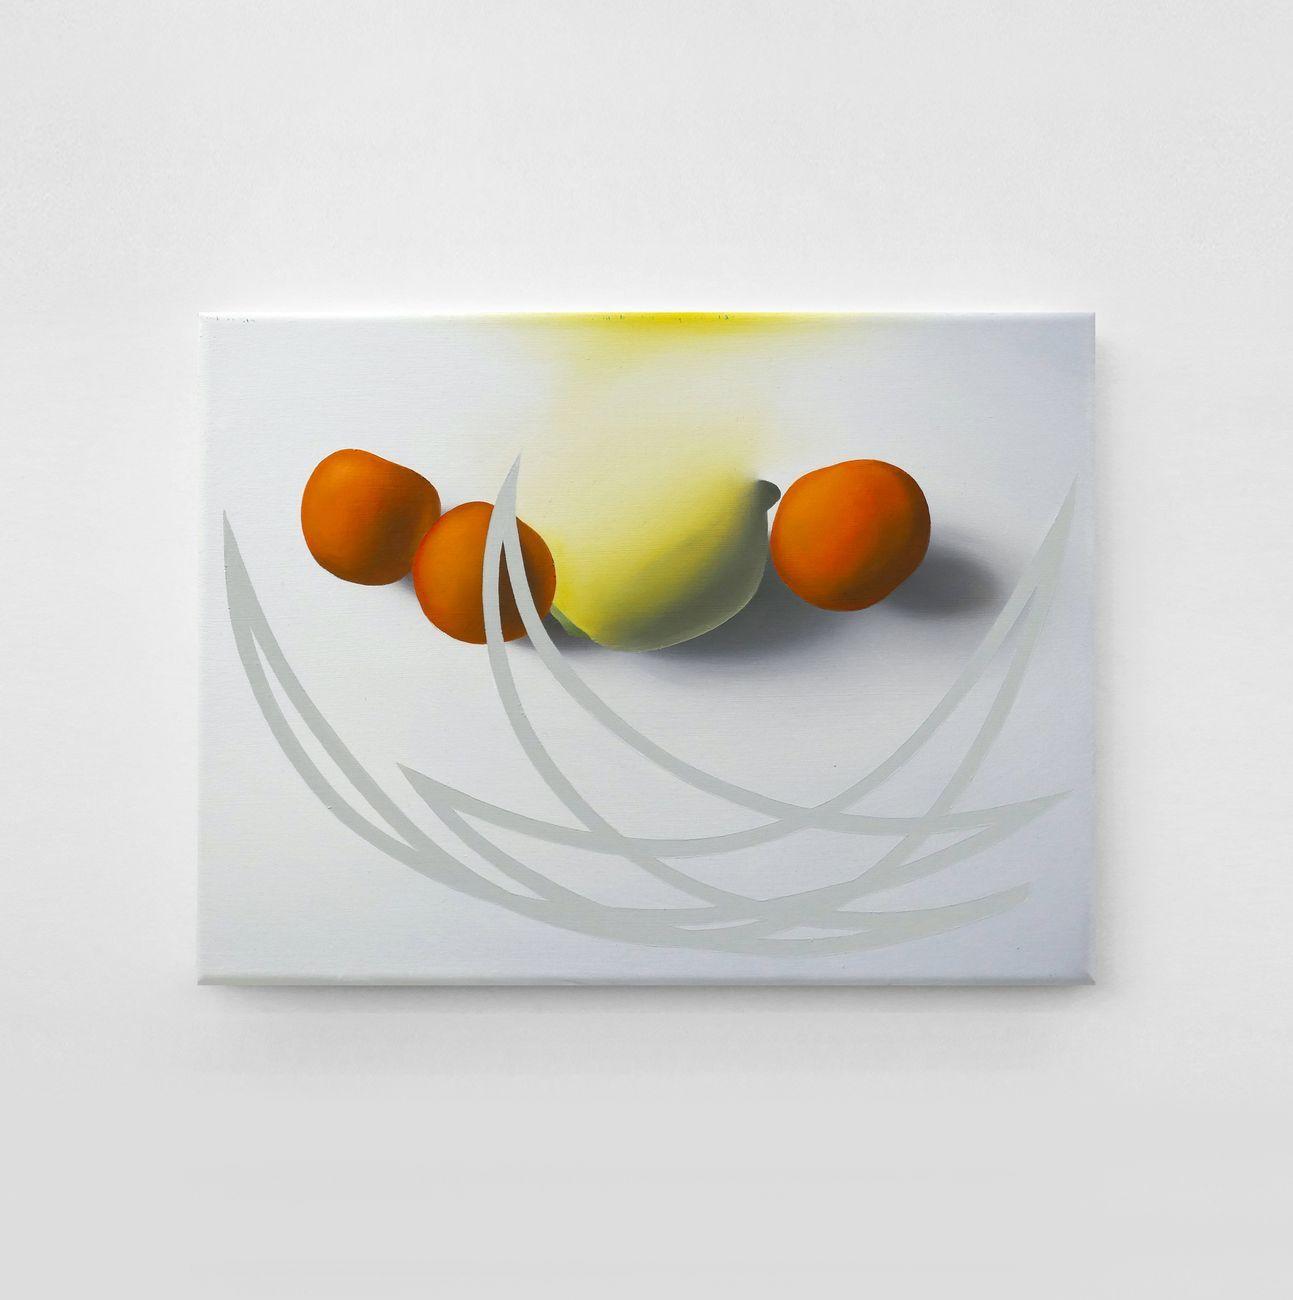 Stefano Perrone, Ascensione, 2019, oil on canvas, 30x40 cm